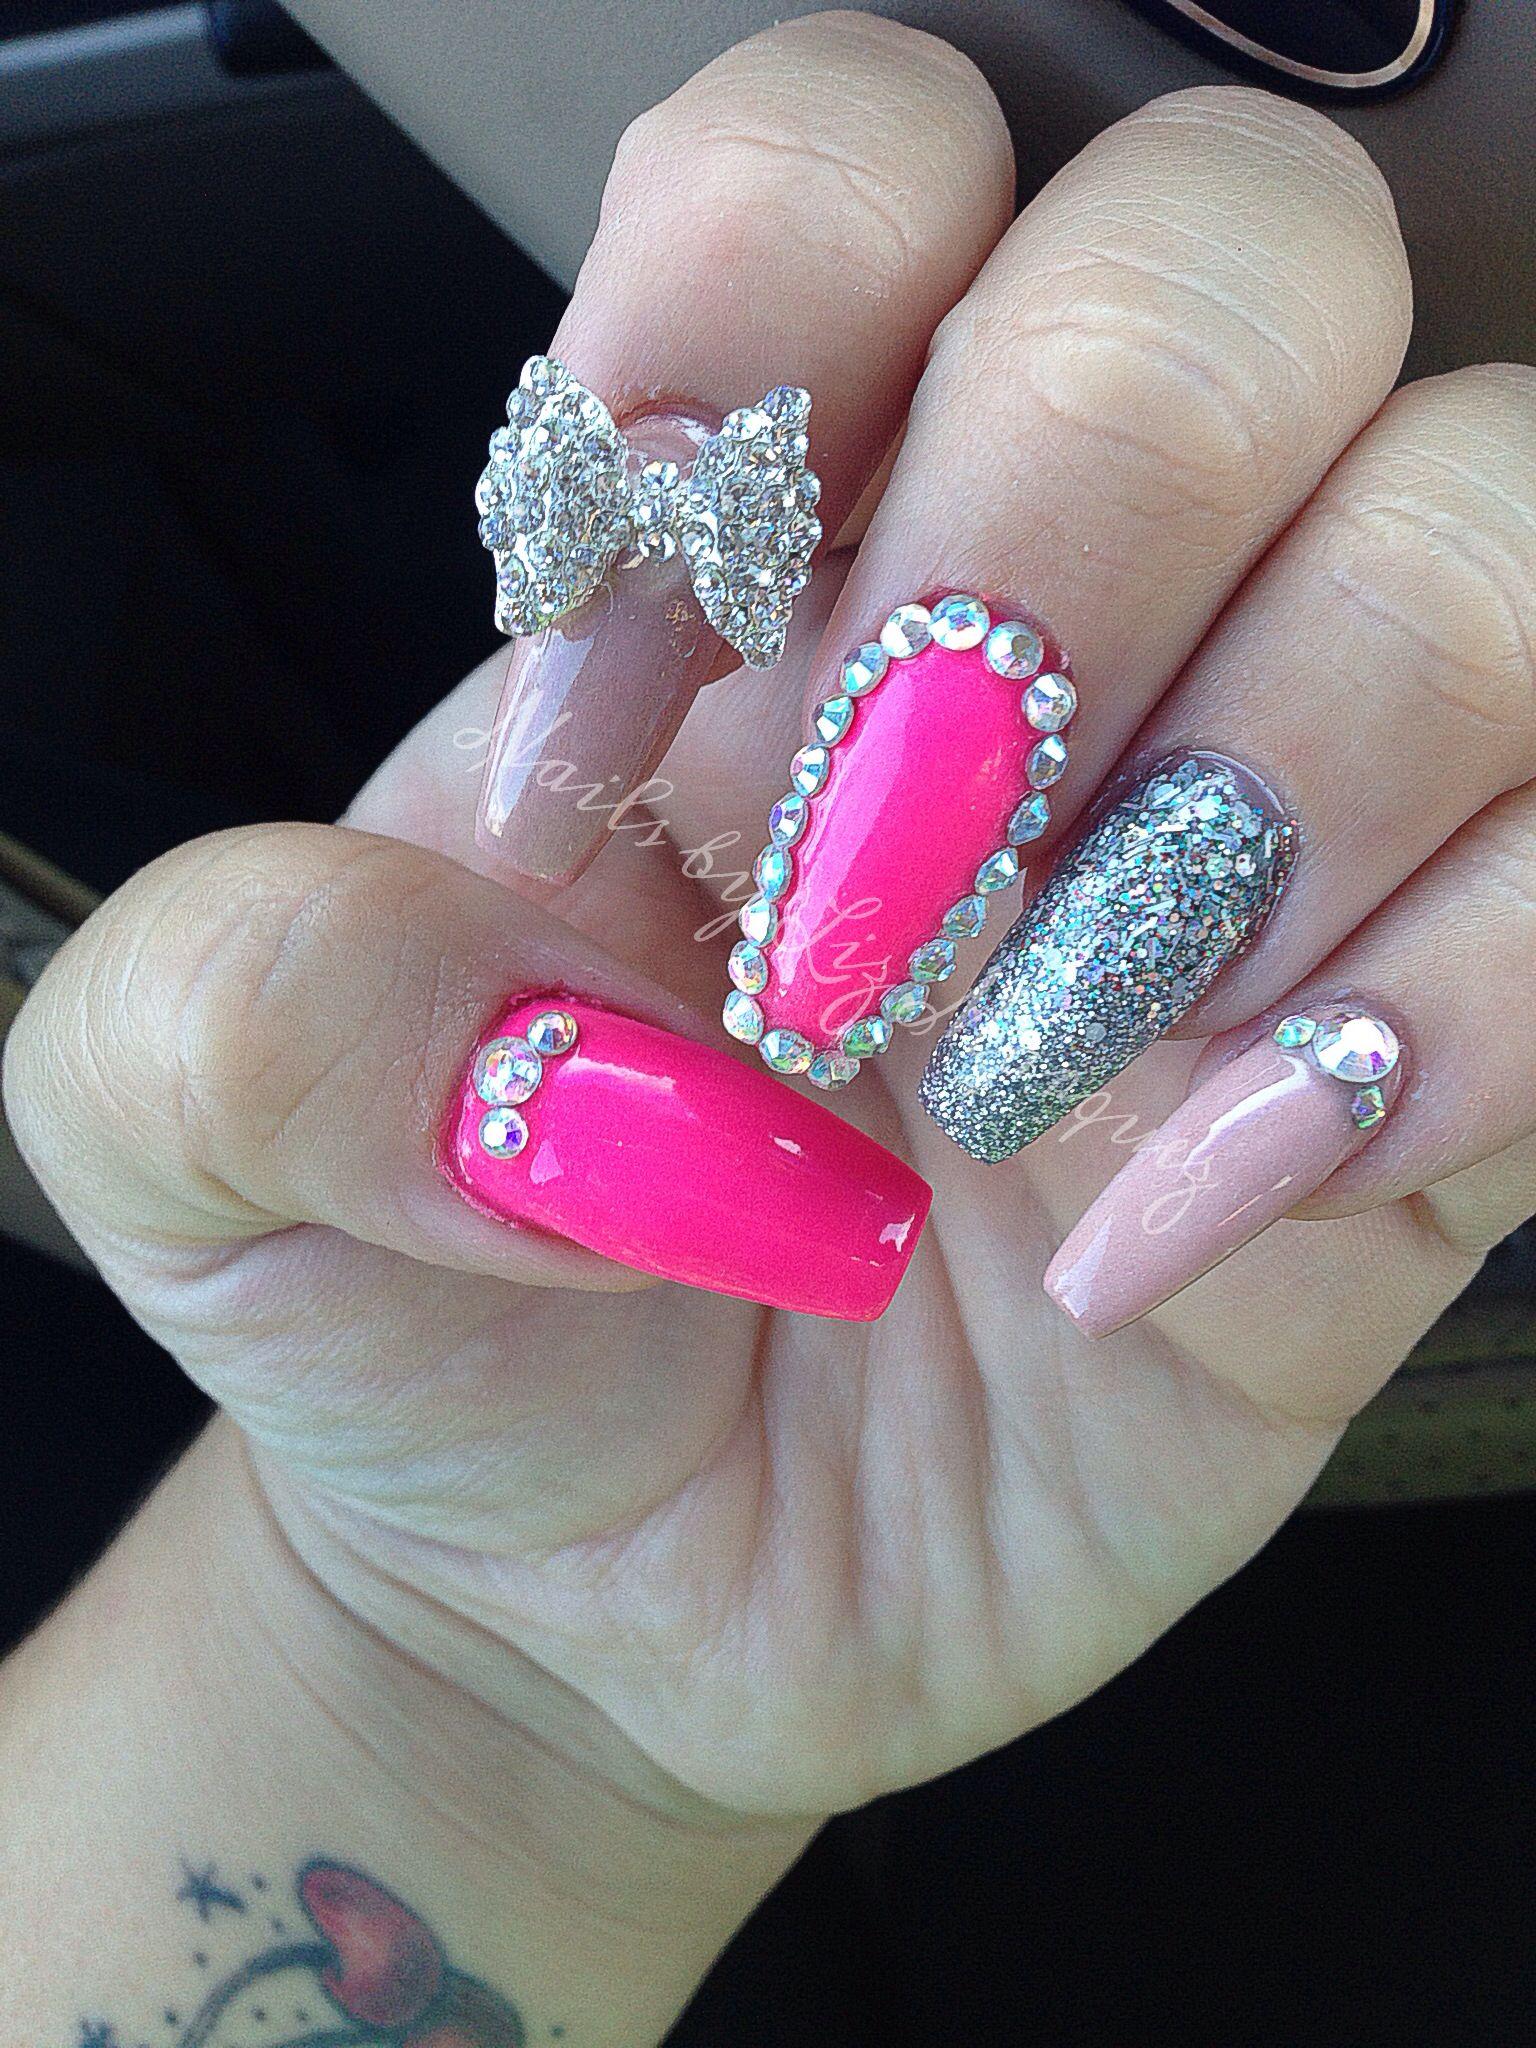 Coffin nails, nude nails, nail art, Swarovski nails, glitter nails ...